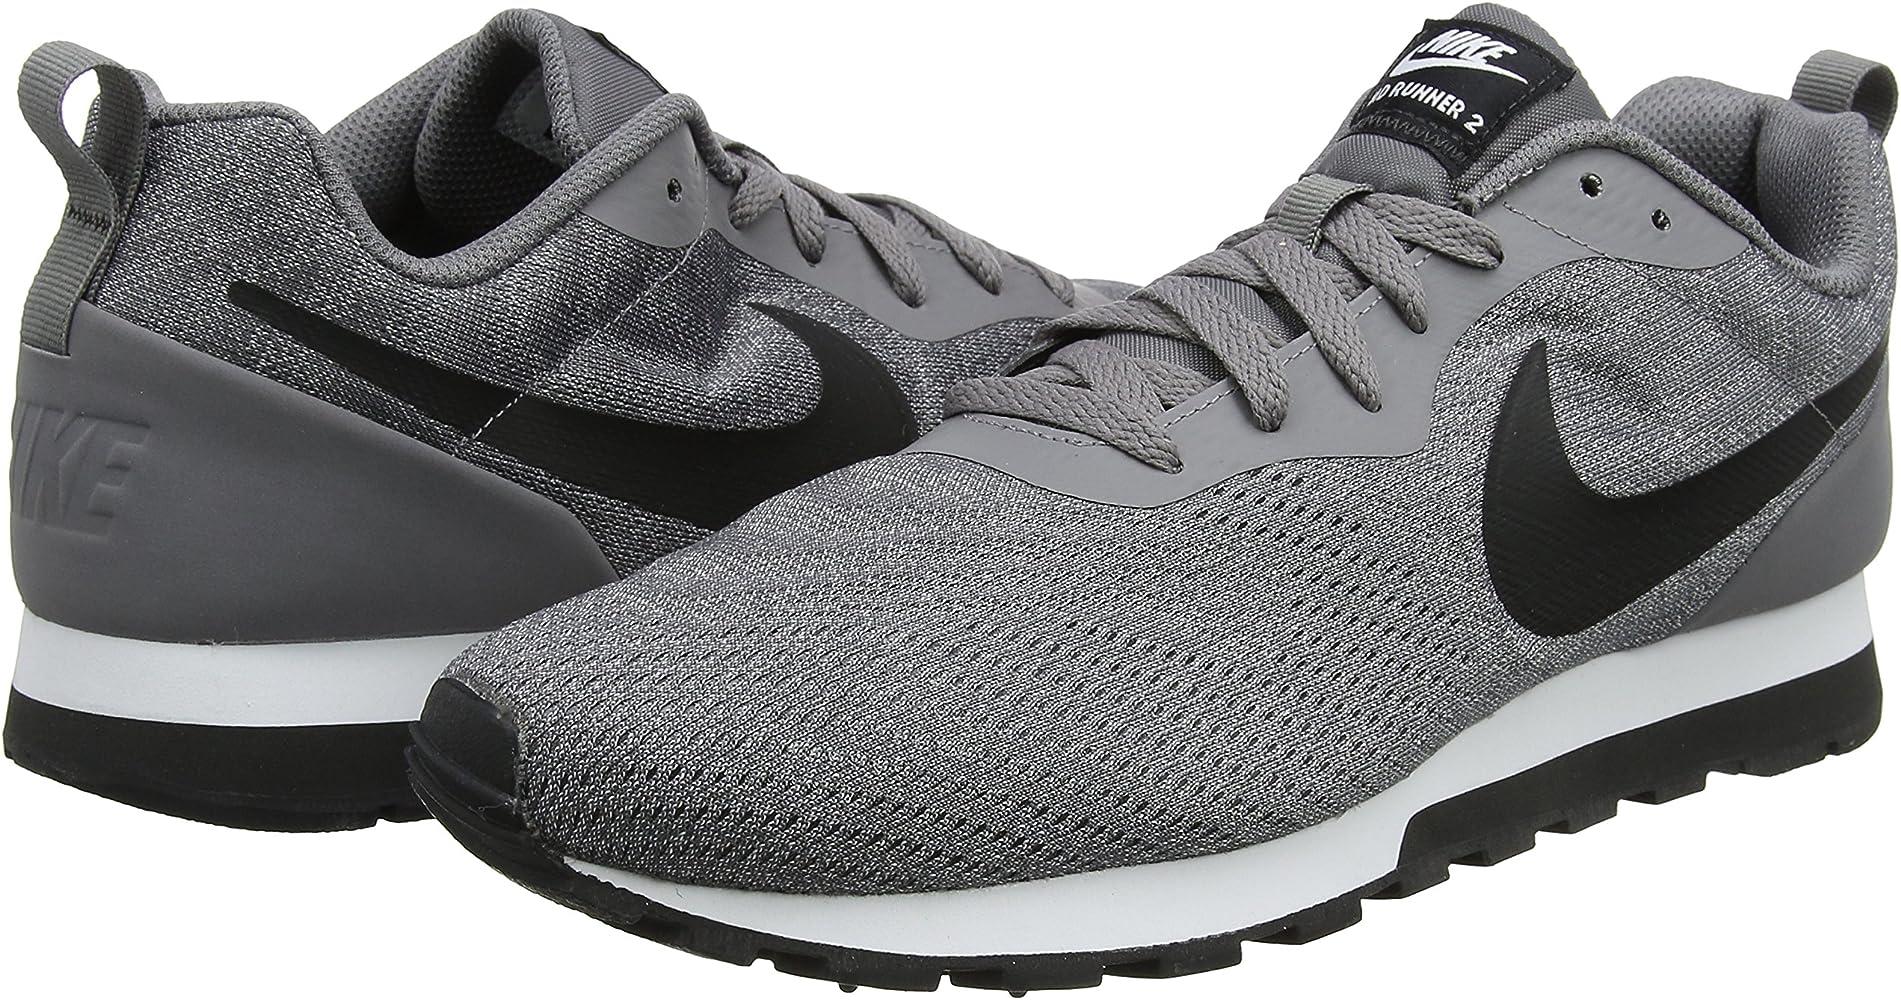 Negro (BlackBlack white 008) Nike MD Runner 2 Eng Mesh